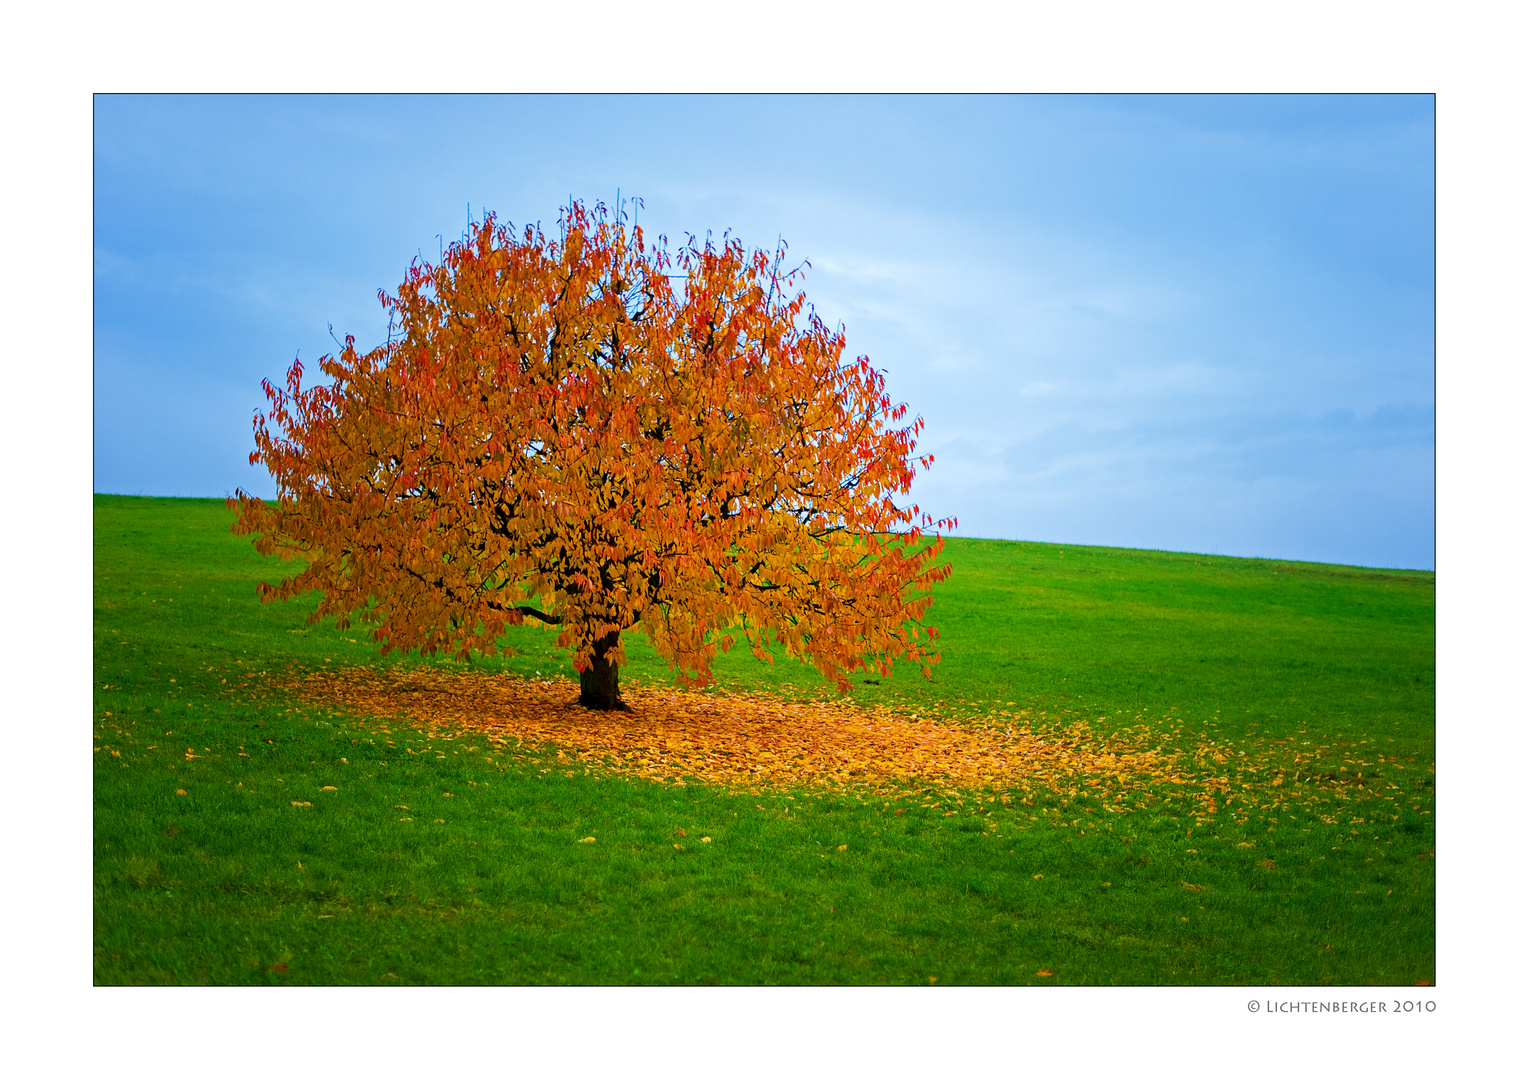 herbst baum foto  bild  natur und tiere bilder auf